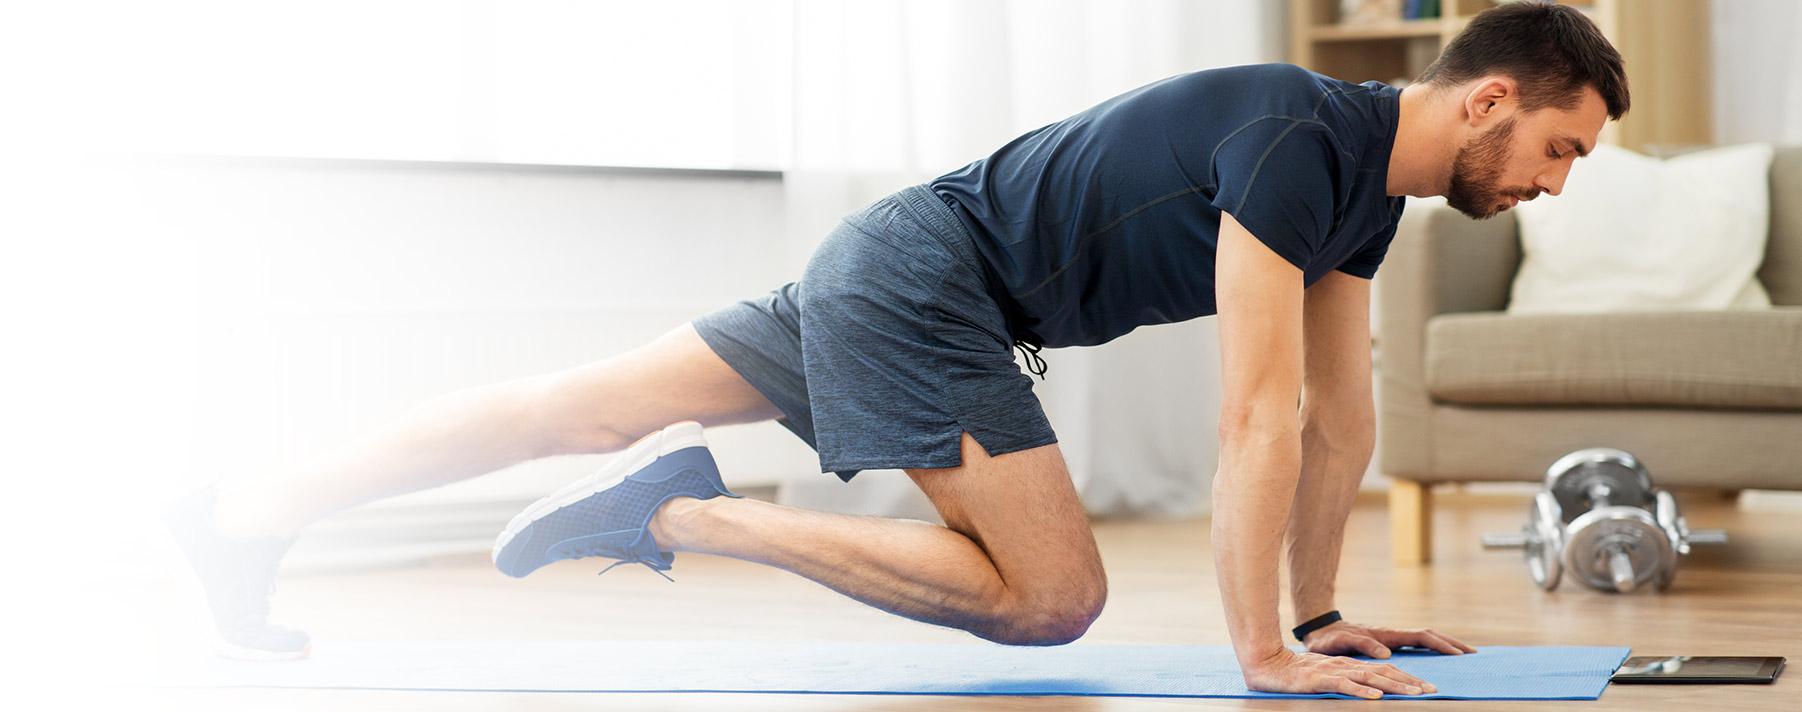 Conoce las mejores aplicaciones para hacer ejercicio en casa